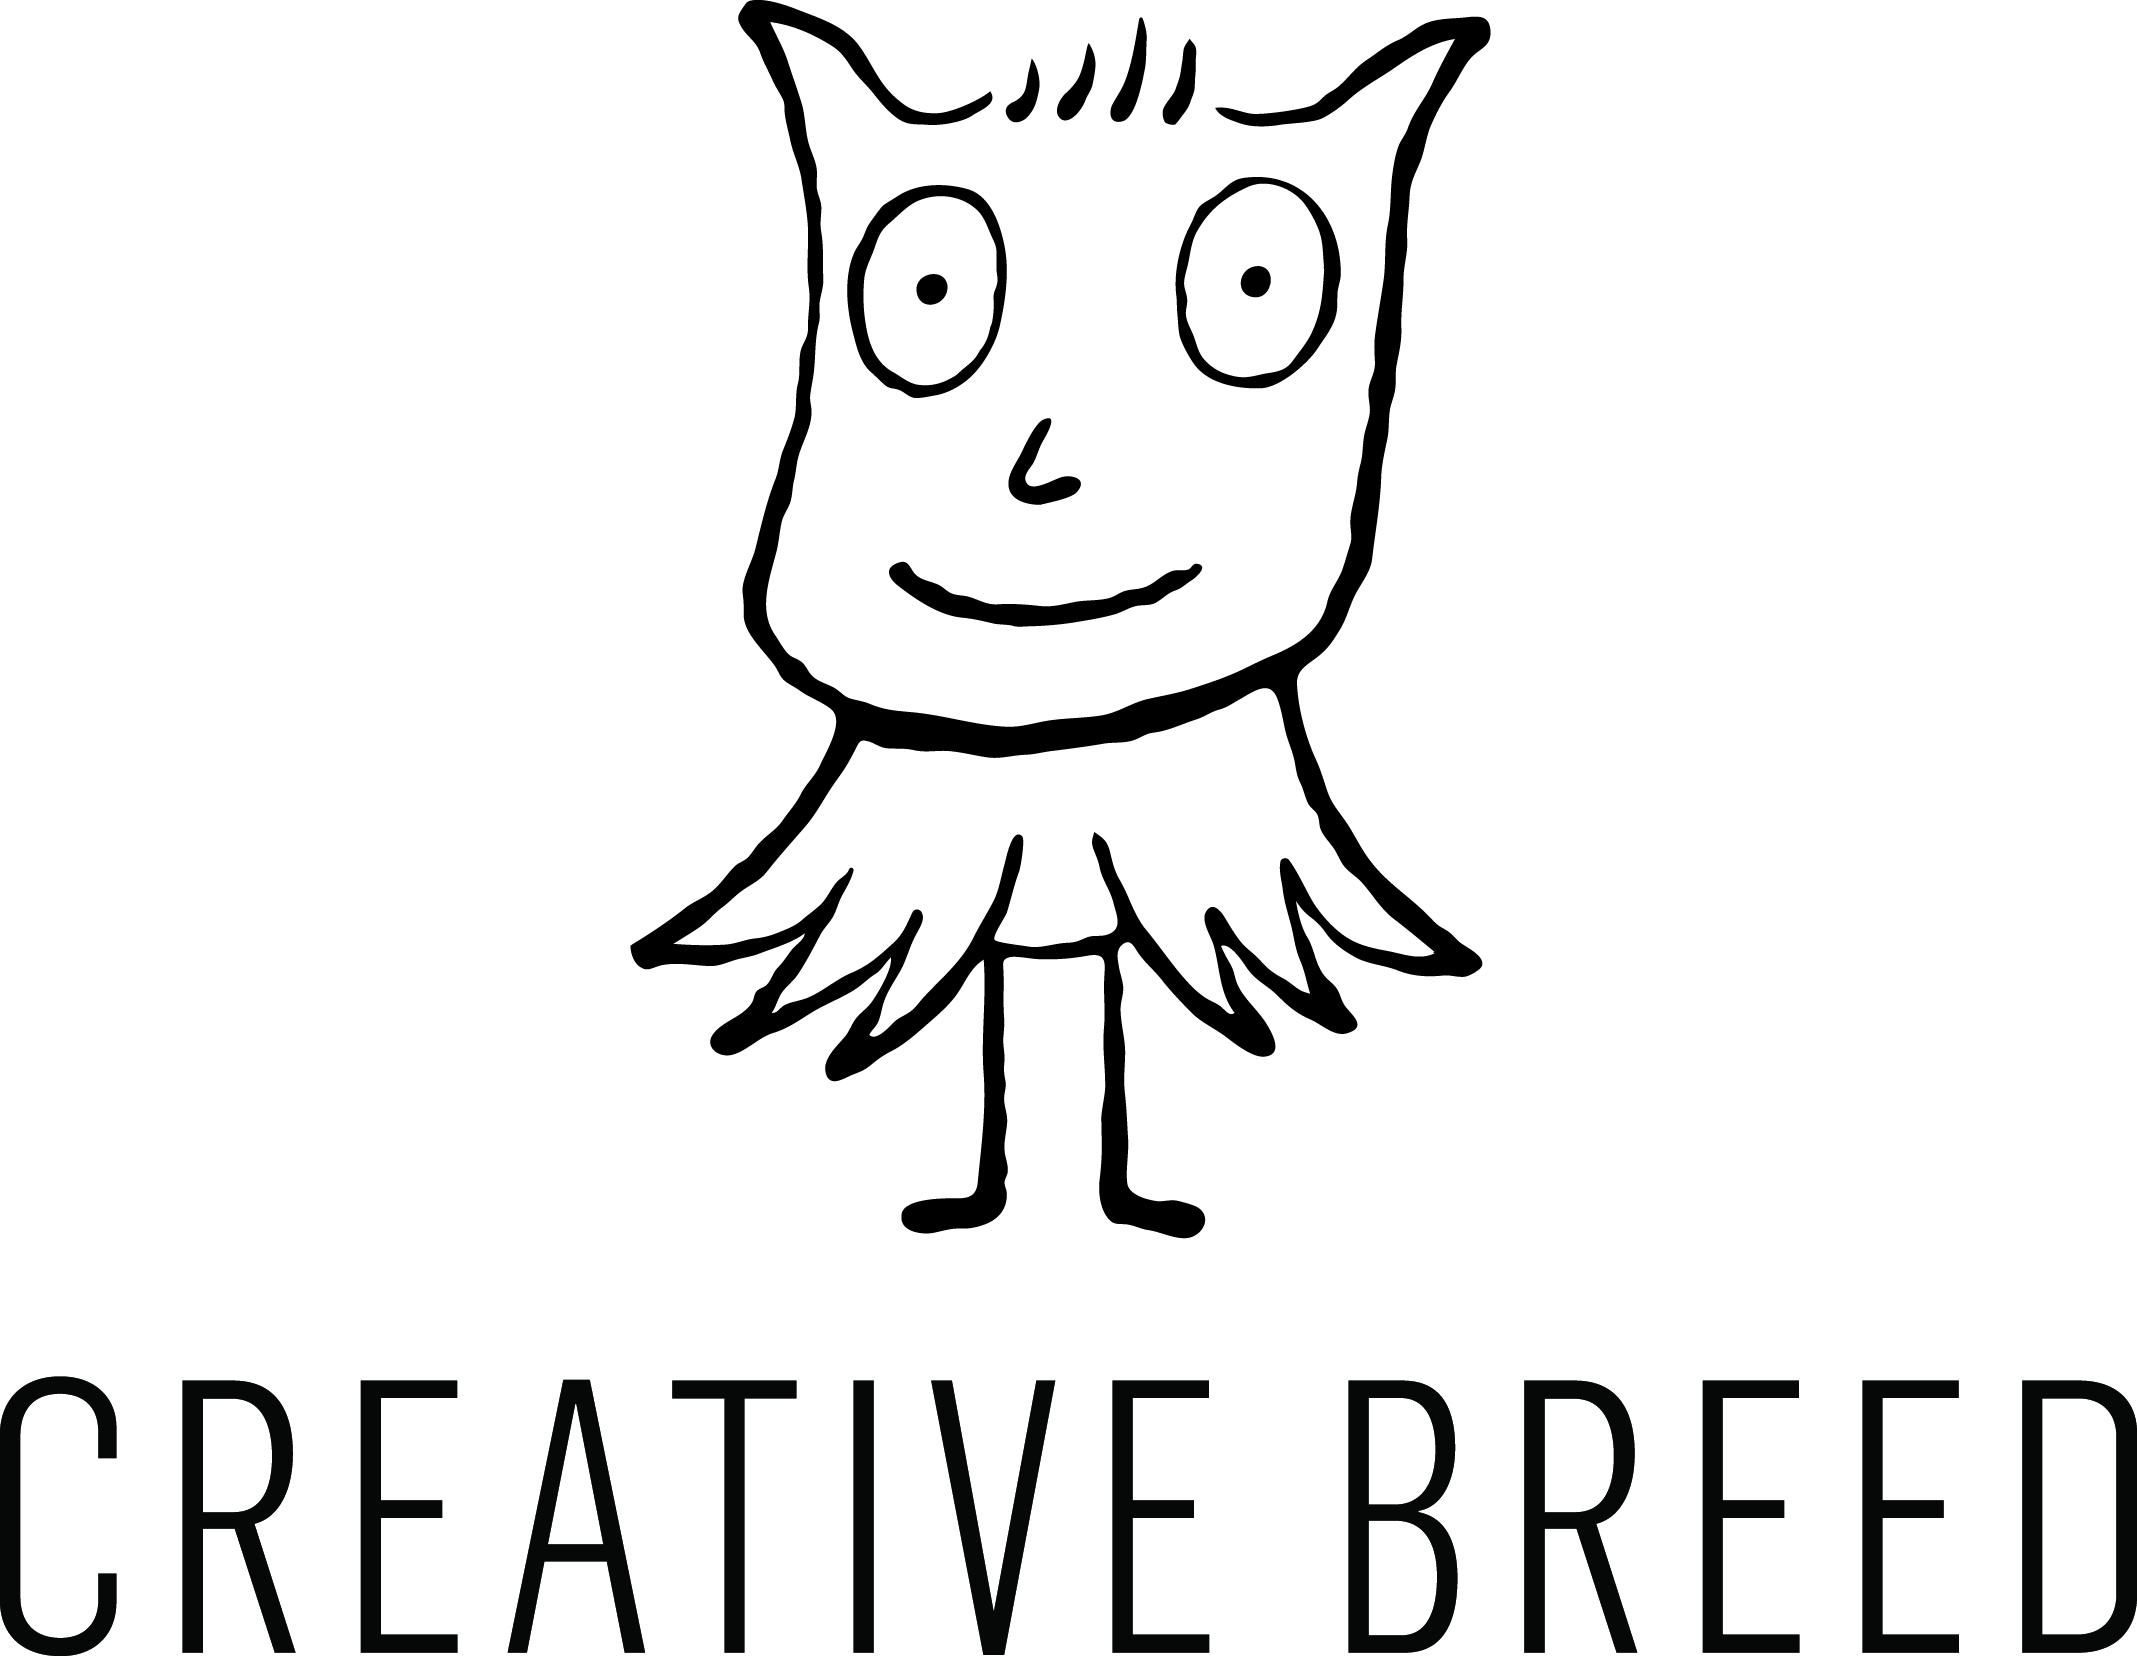 CreativeBreed